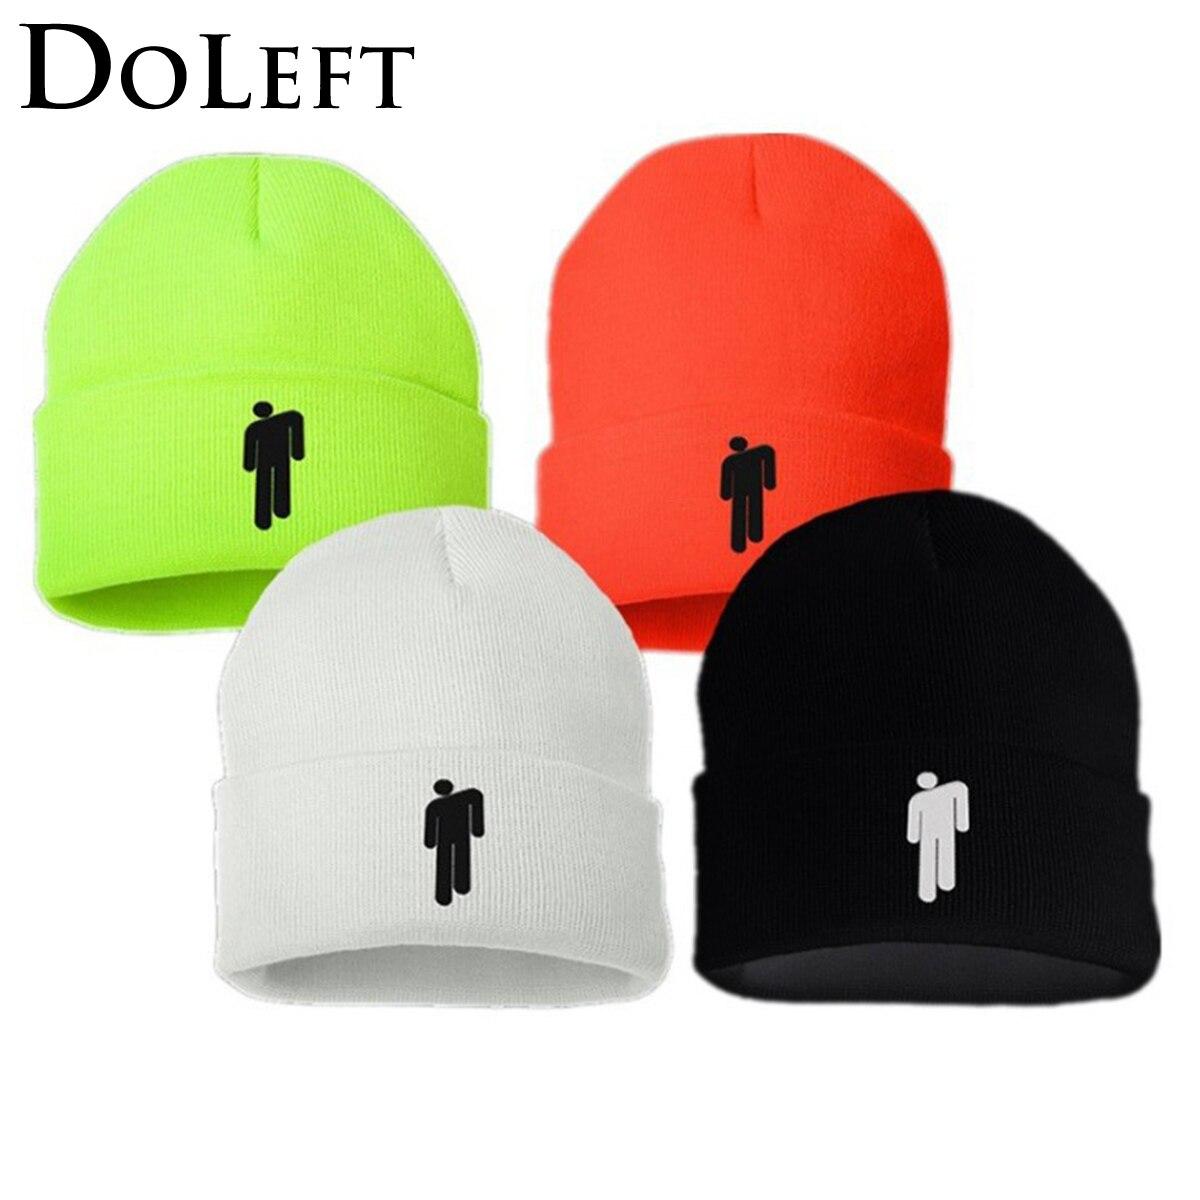 2019-billie-eilish-beanie-tricote-chapeaux-unisexe-solide-hip-hop-skullies-tricote-hiver-chapeau-12-couleurs-exterieur-decontracte-sport-casquette